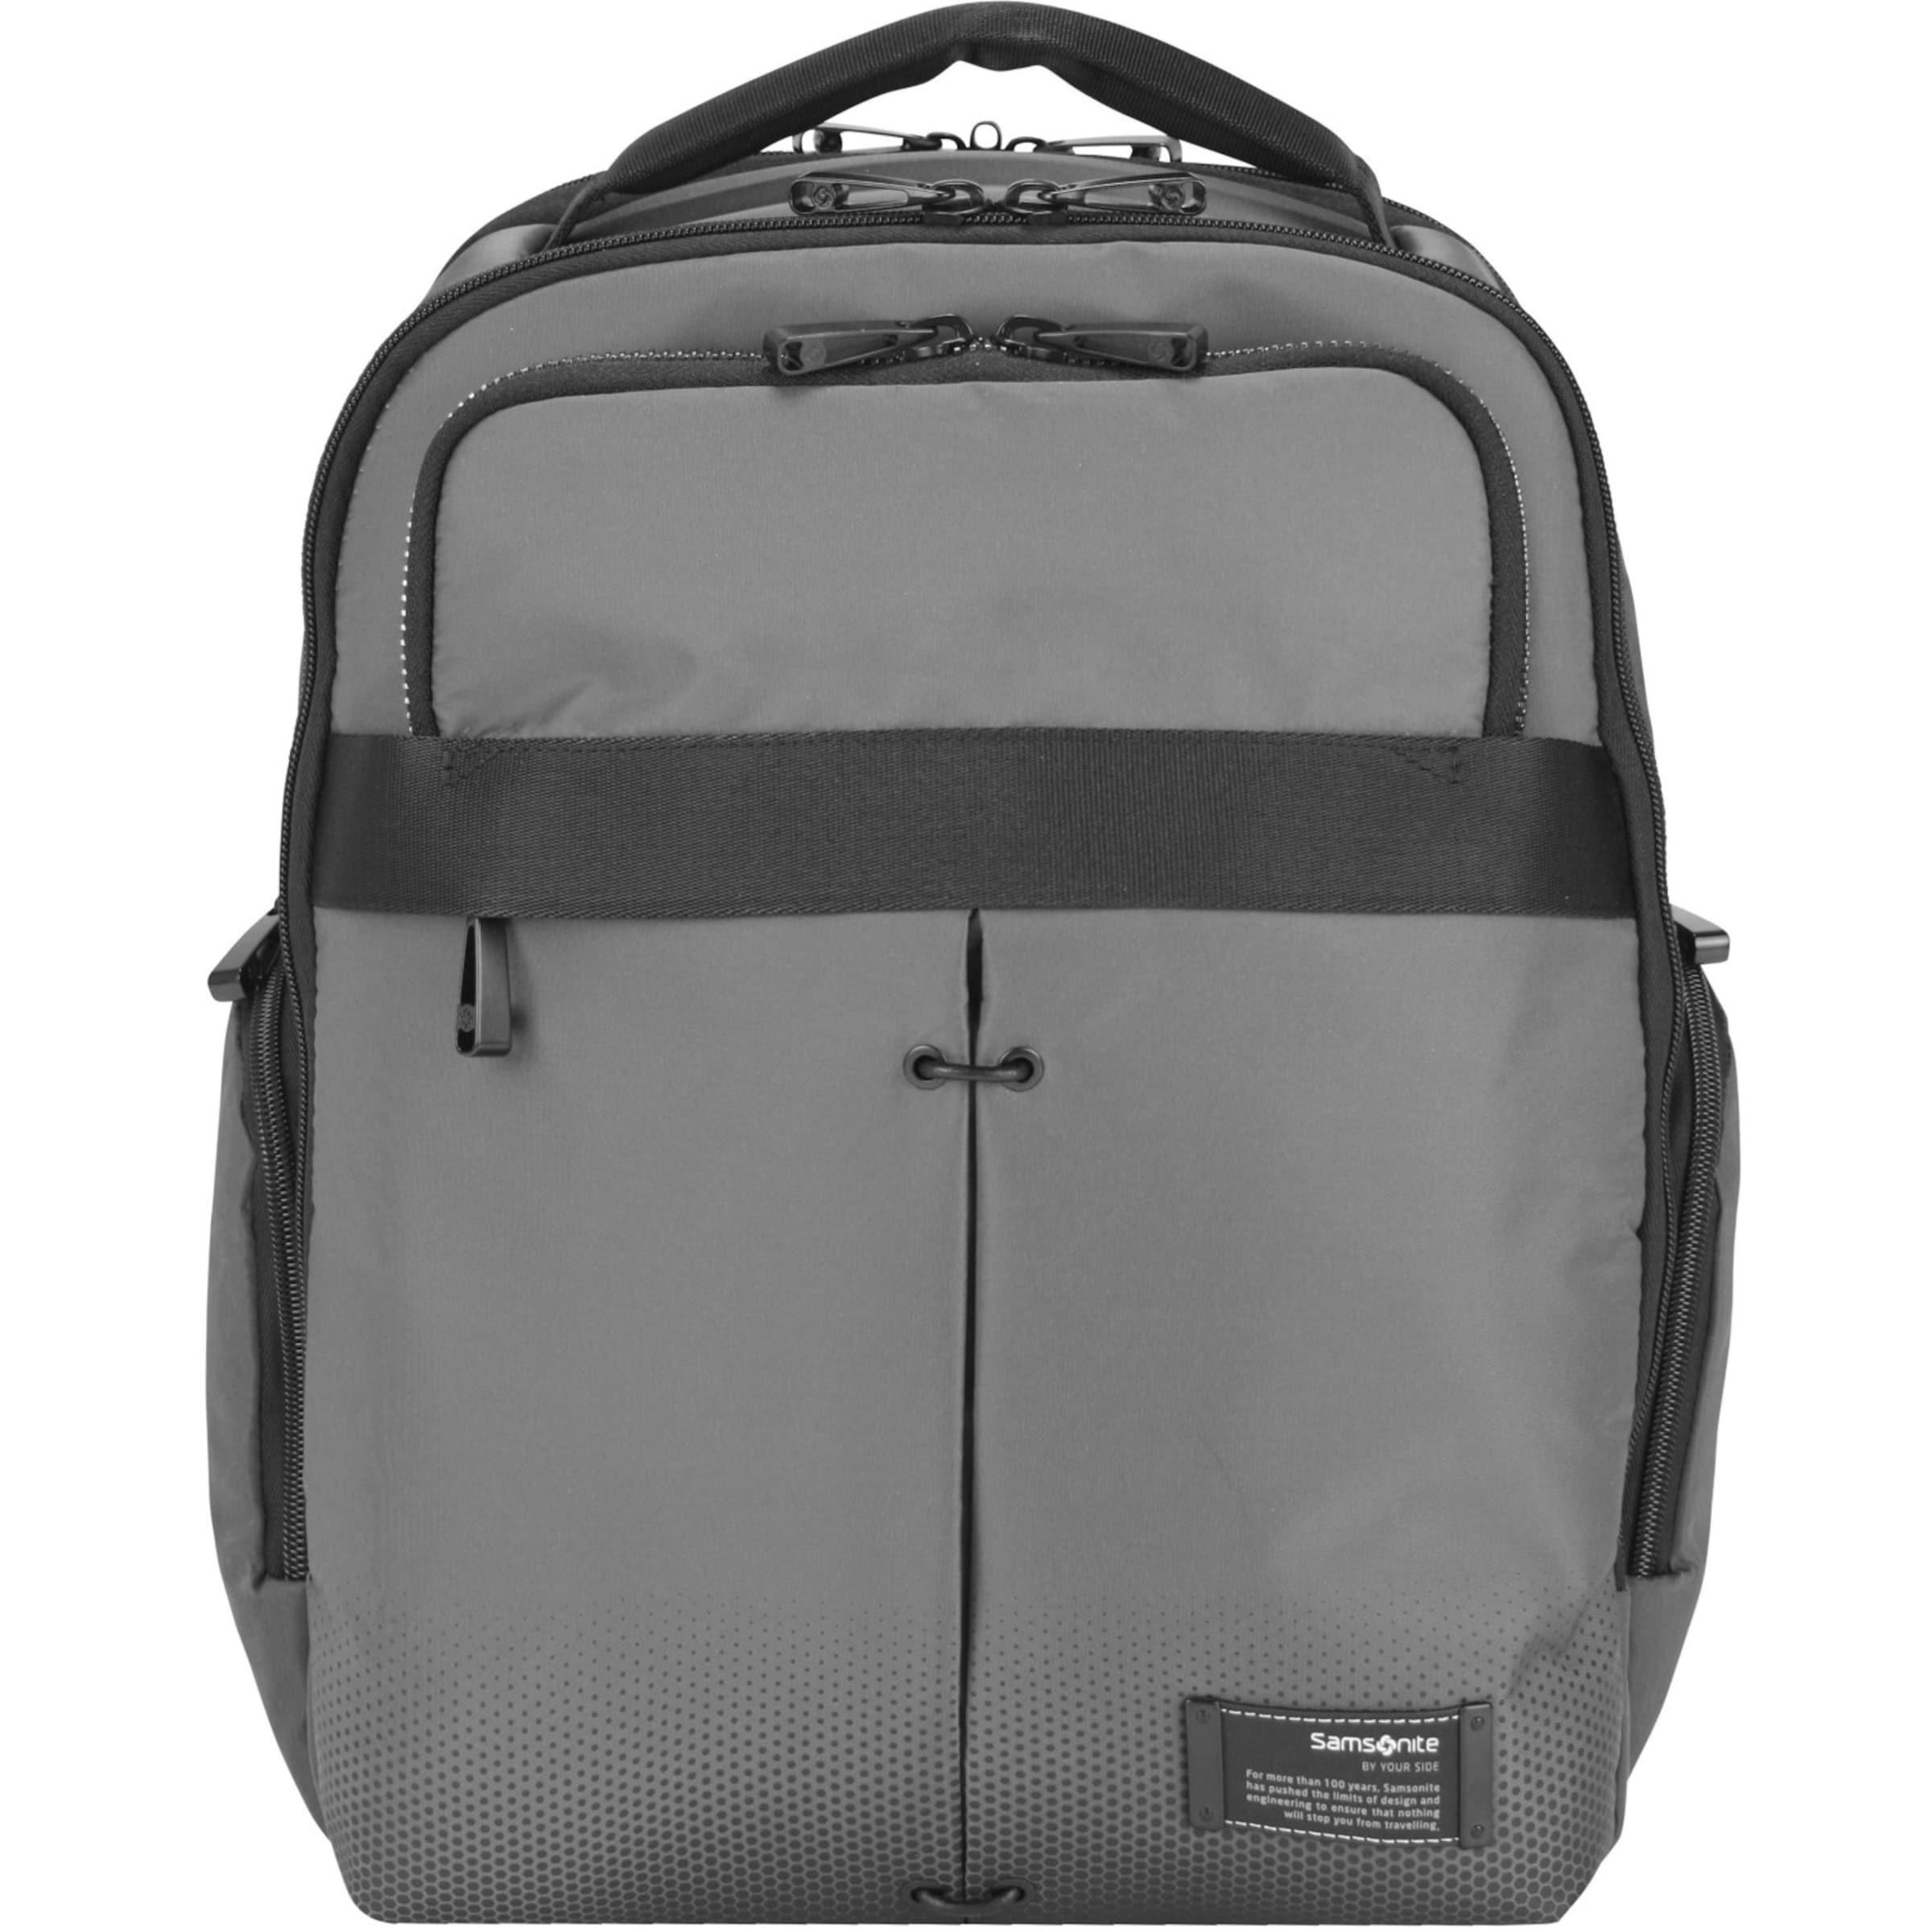 SAMSONITE Cityvibe Business Rucksack 40 cm Laptopfach Verkauf 100% Garantiert Erhalten Günstig Online Kaufen Kaufen Billig Authentisch Spielraum Manchester iWlY6riz